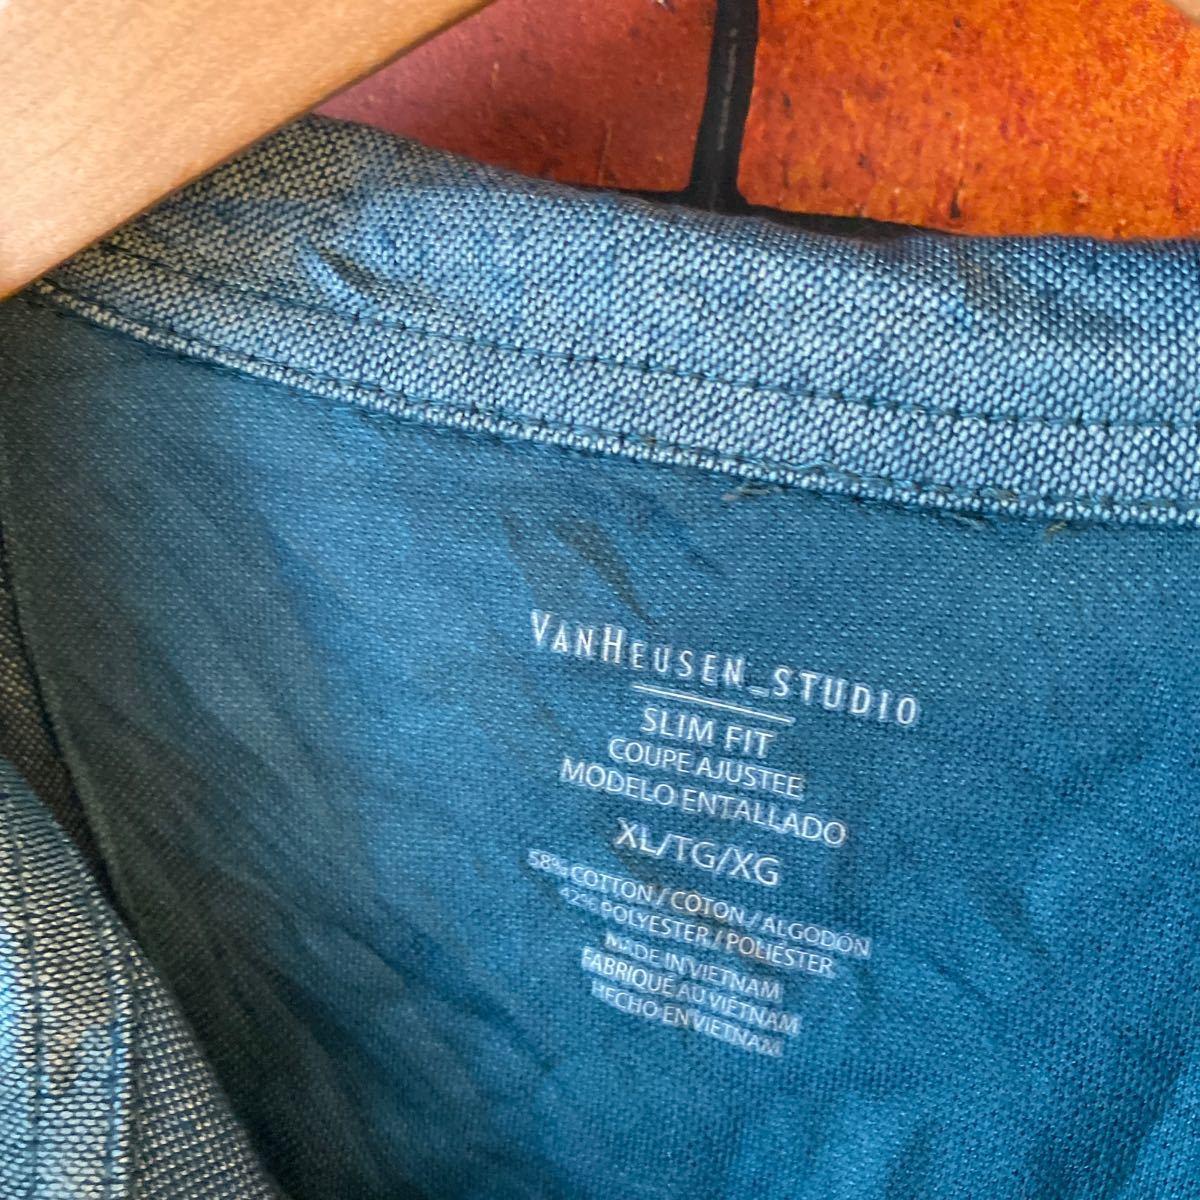 1円スタート ポロシャツ クールビズ まとめ売り 大量セット 6枚セット ワーク スタッフ アメリカ古着 XL _画像2